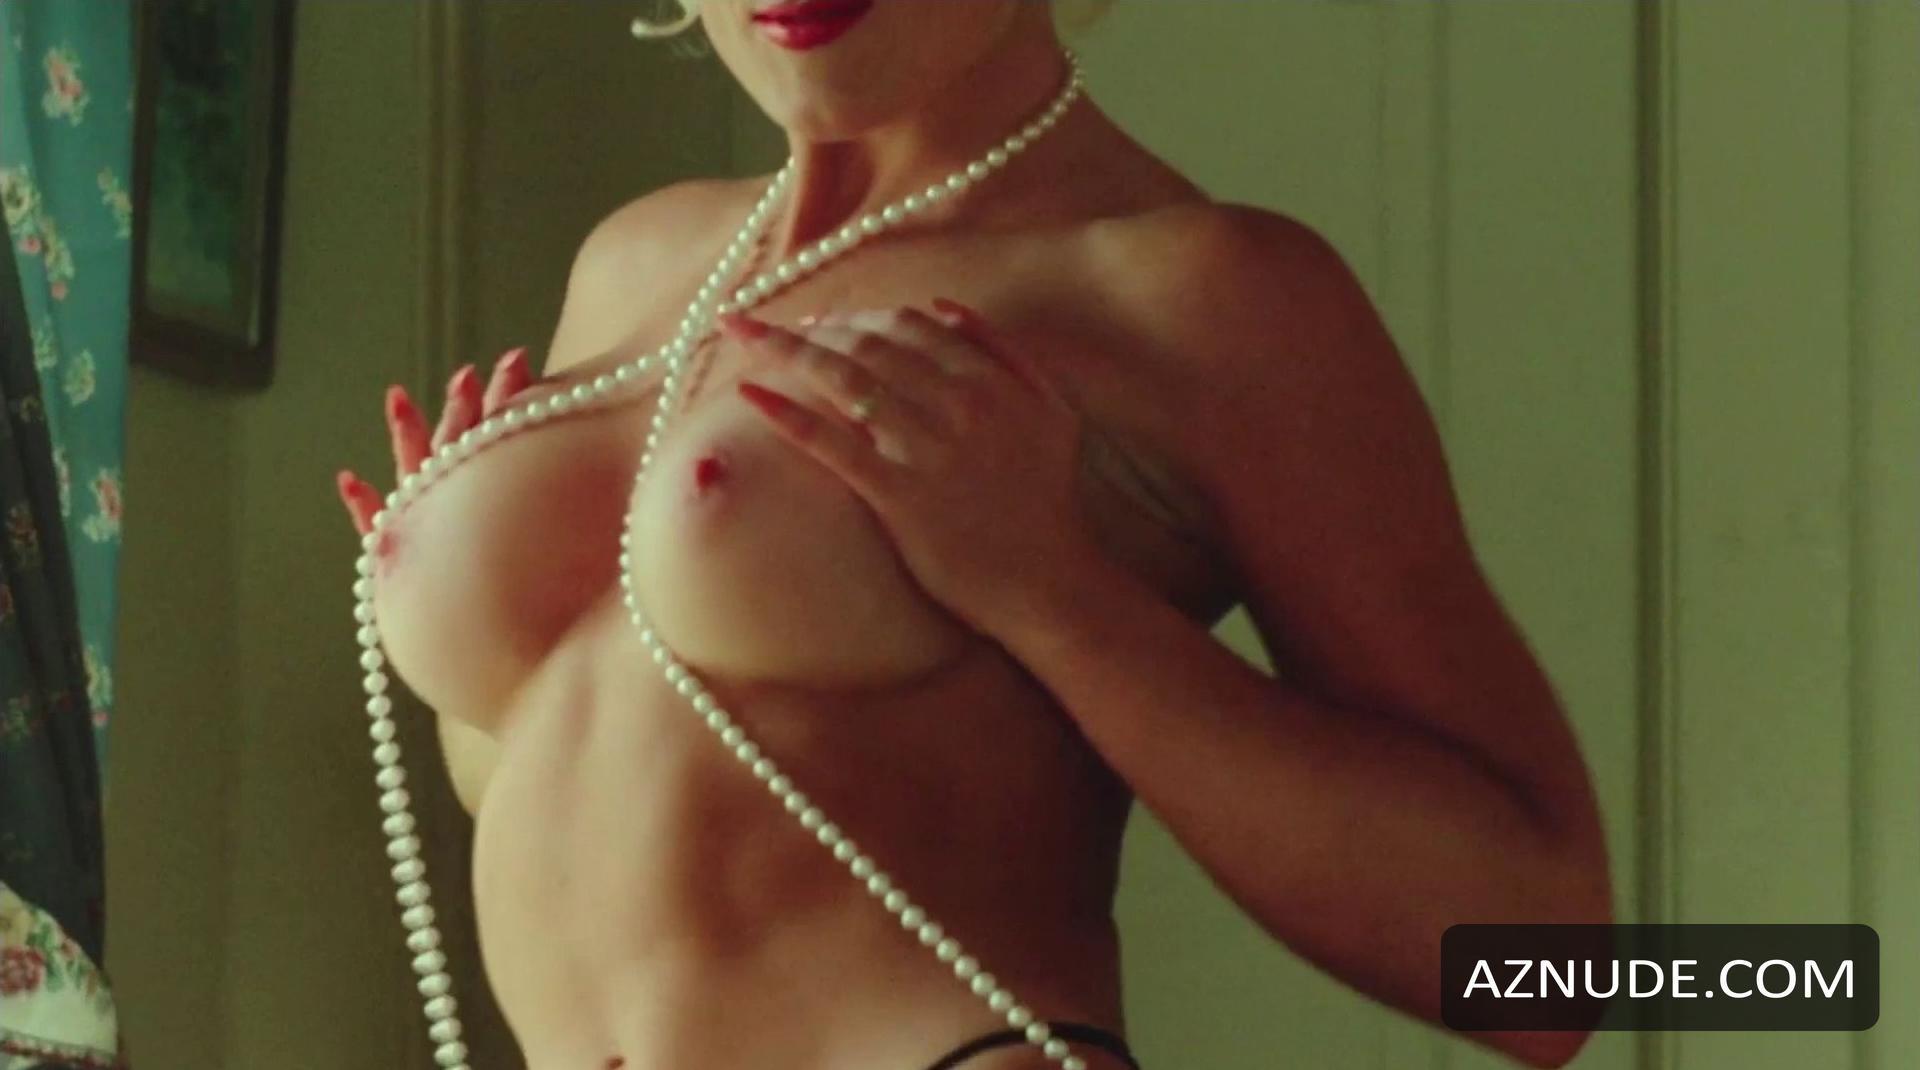 Has Delia Sheppard Ever Been Nude